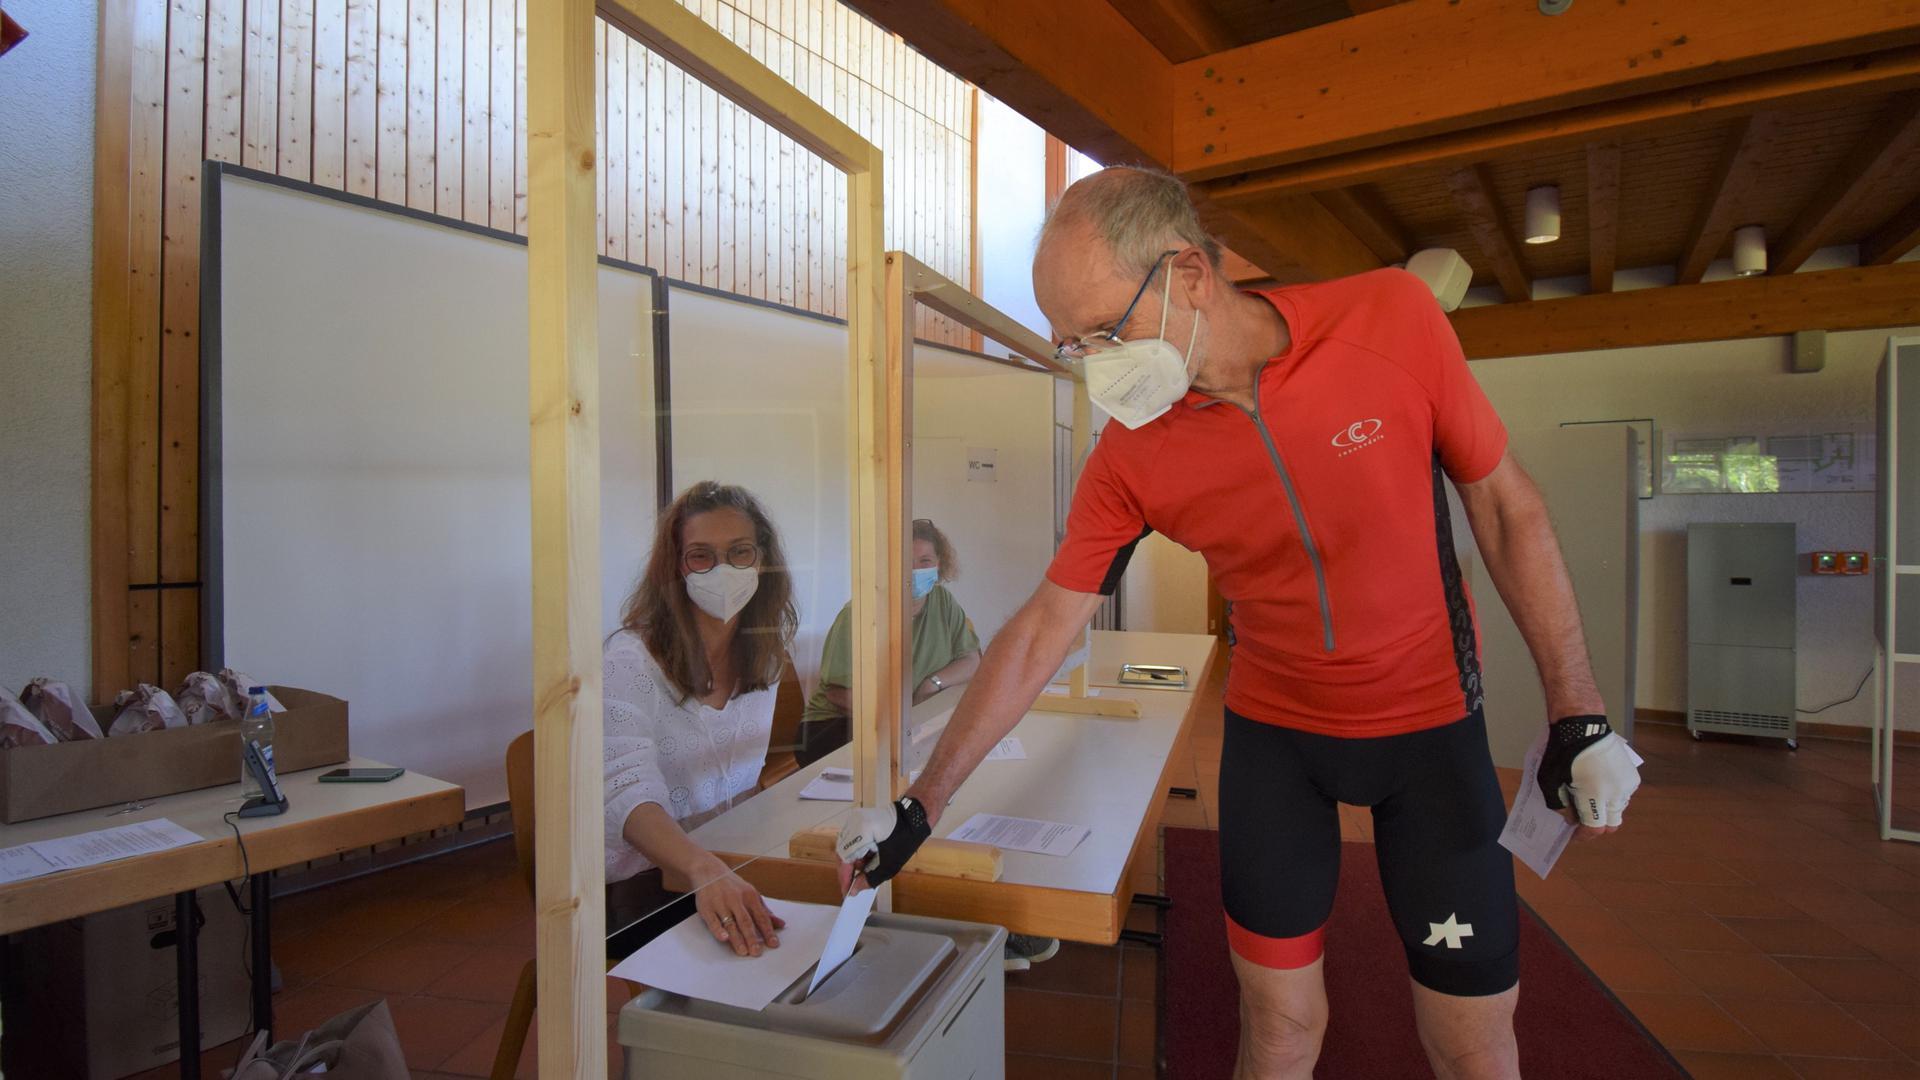 Vom Fahrrad in die Wahlkabine: Heinz Reinke gibt seine Stimme nach einer 50 Kilometer langen Tour am Sonntag in der Freihofhalle Sulzbach ab.